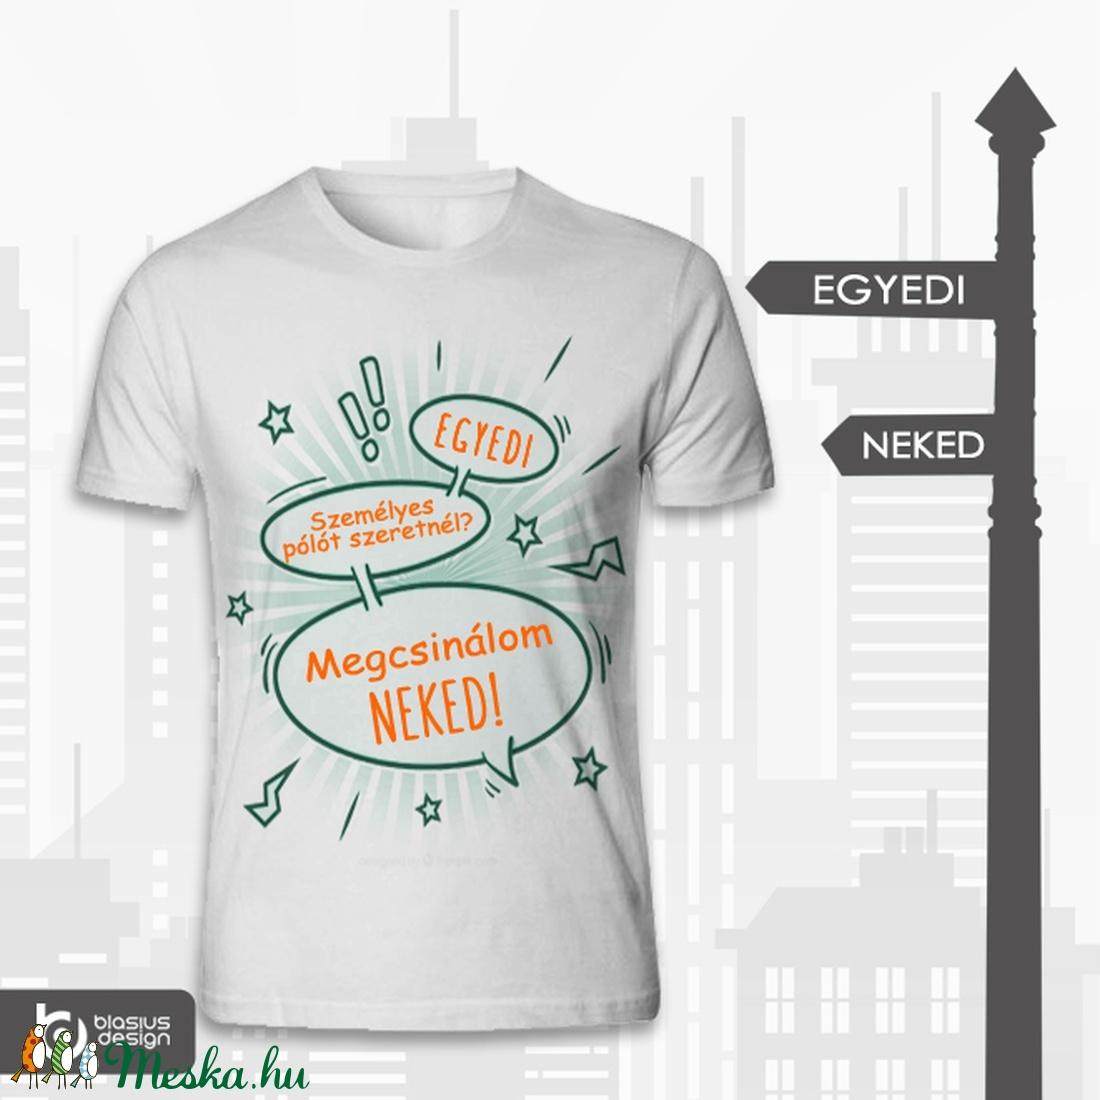 Egyedi póló személyes igényeidnek (blasiusdesign) - Meska.hu db020037af